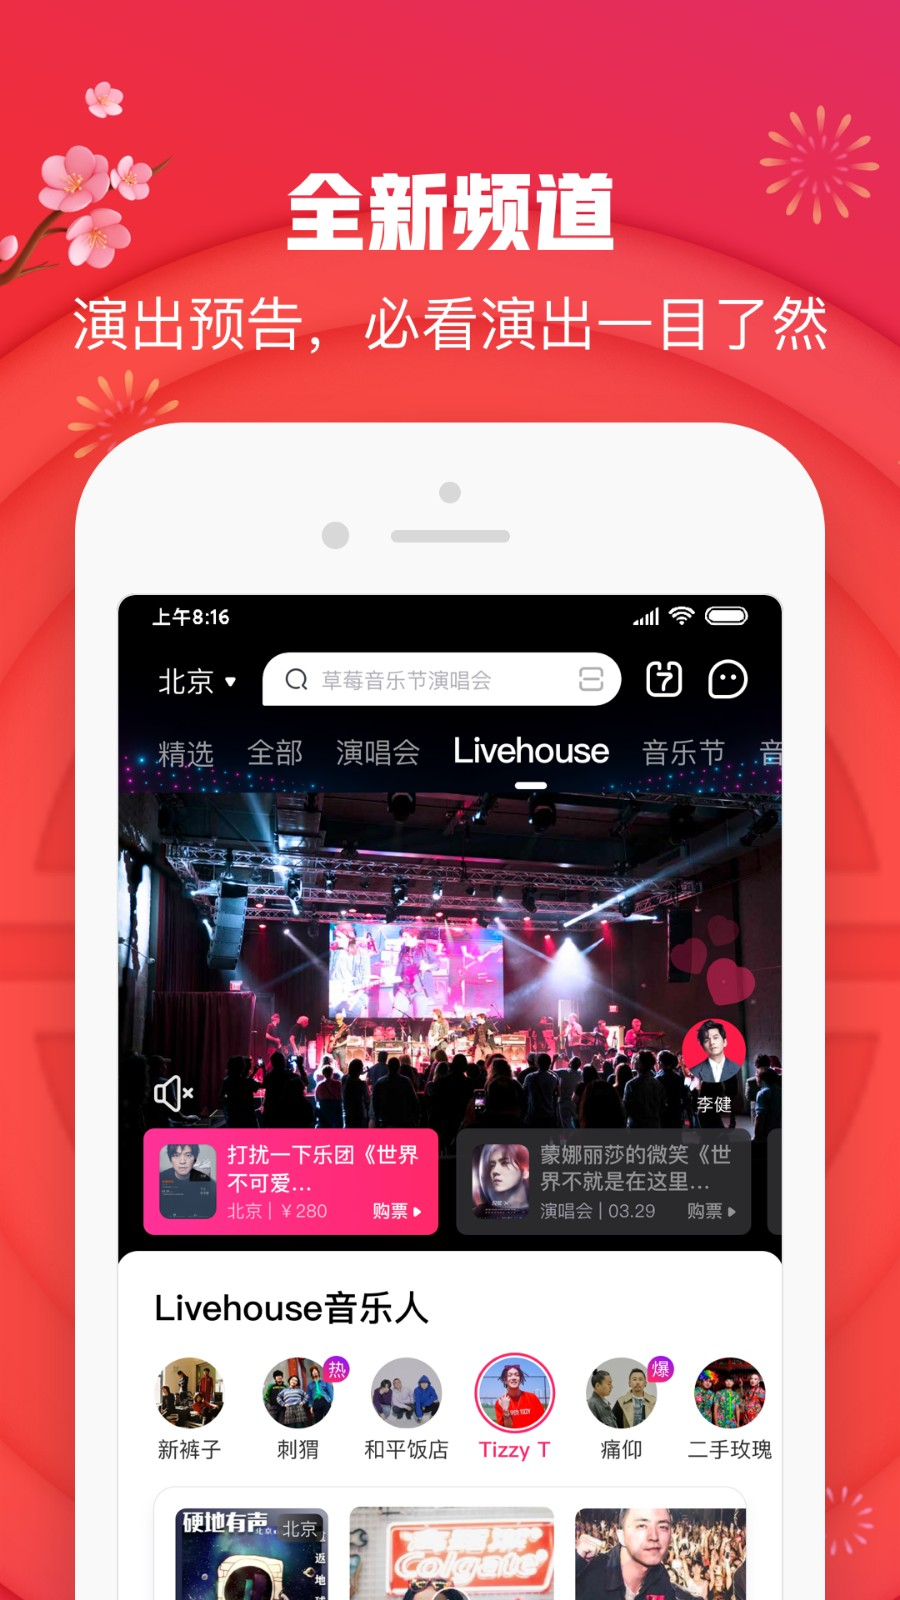 大麦网官方订票app最新版下载